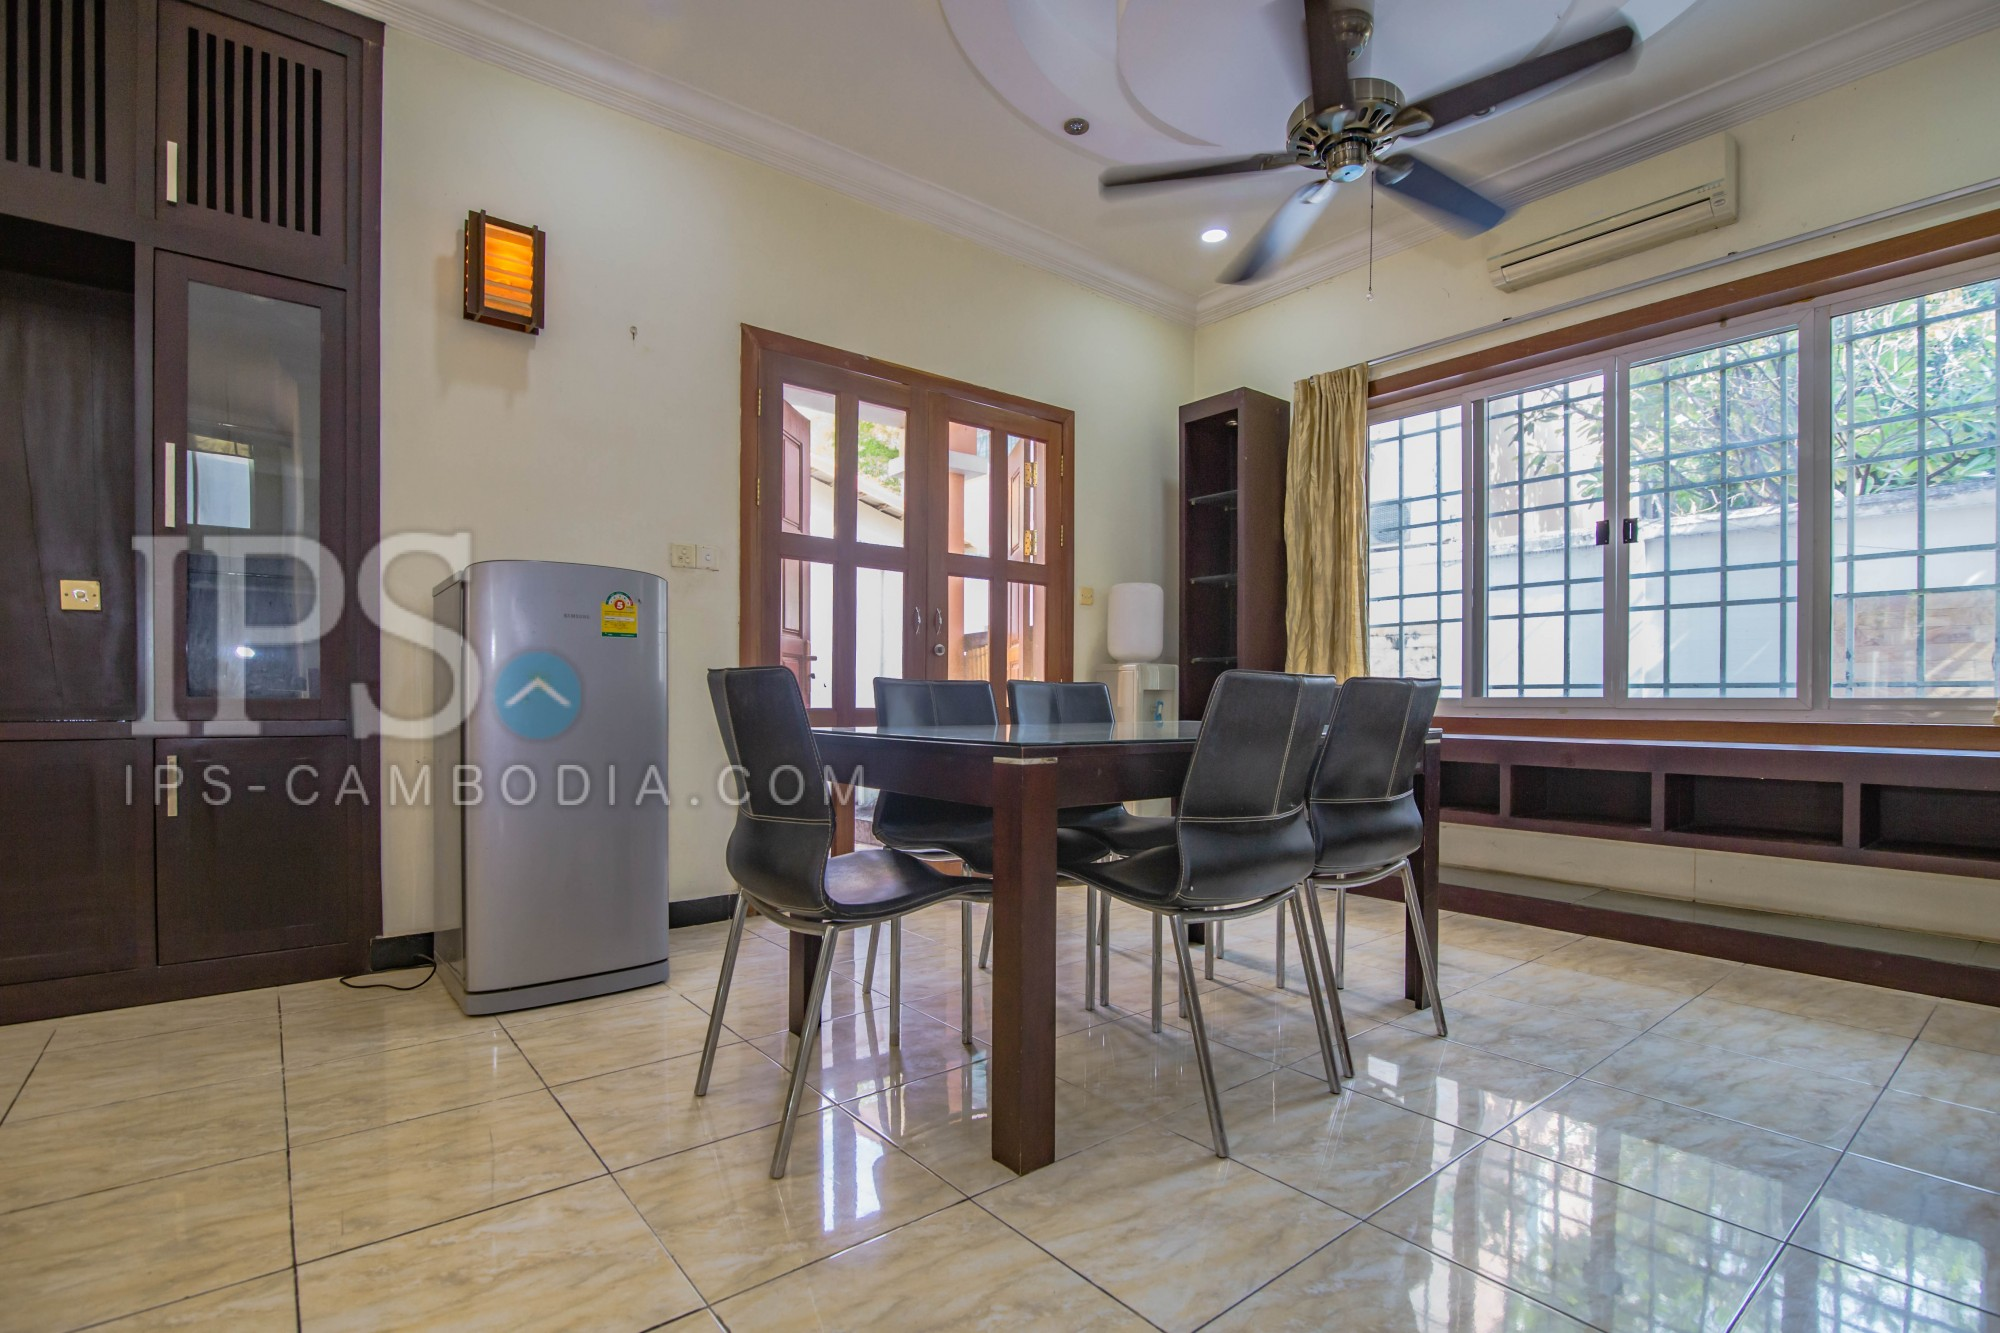 5 Bedroom Villa For Rent - Bassac Garden City, Phnom Penh